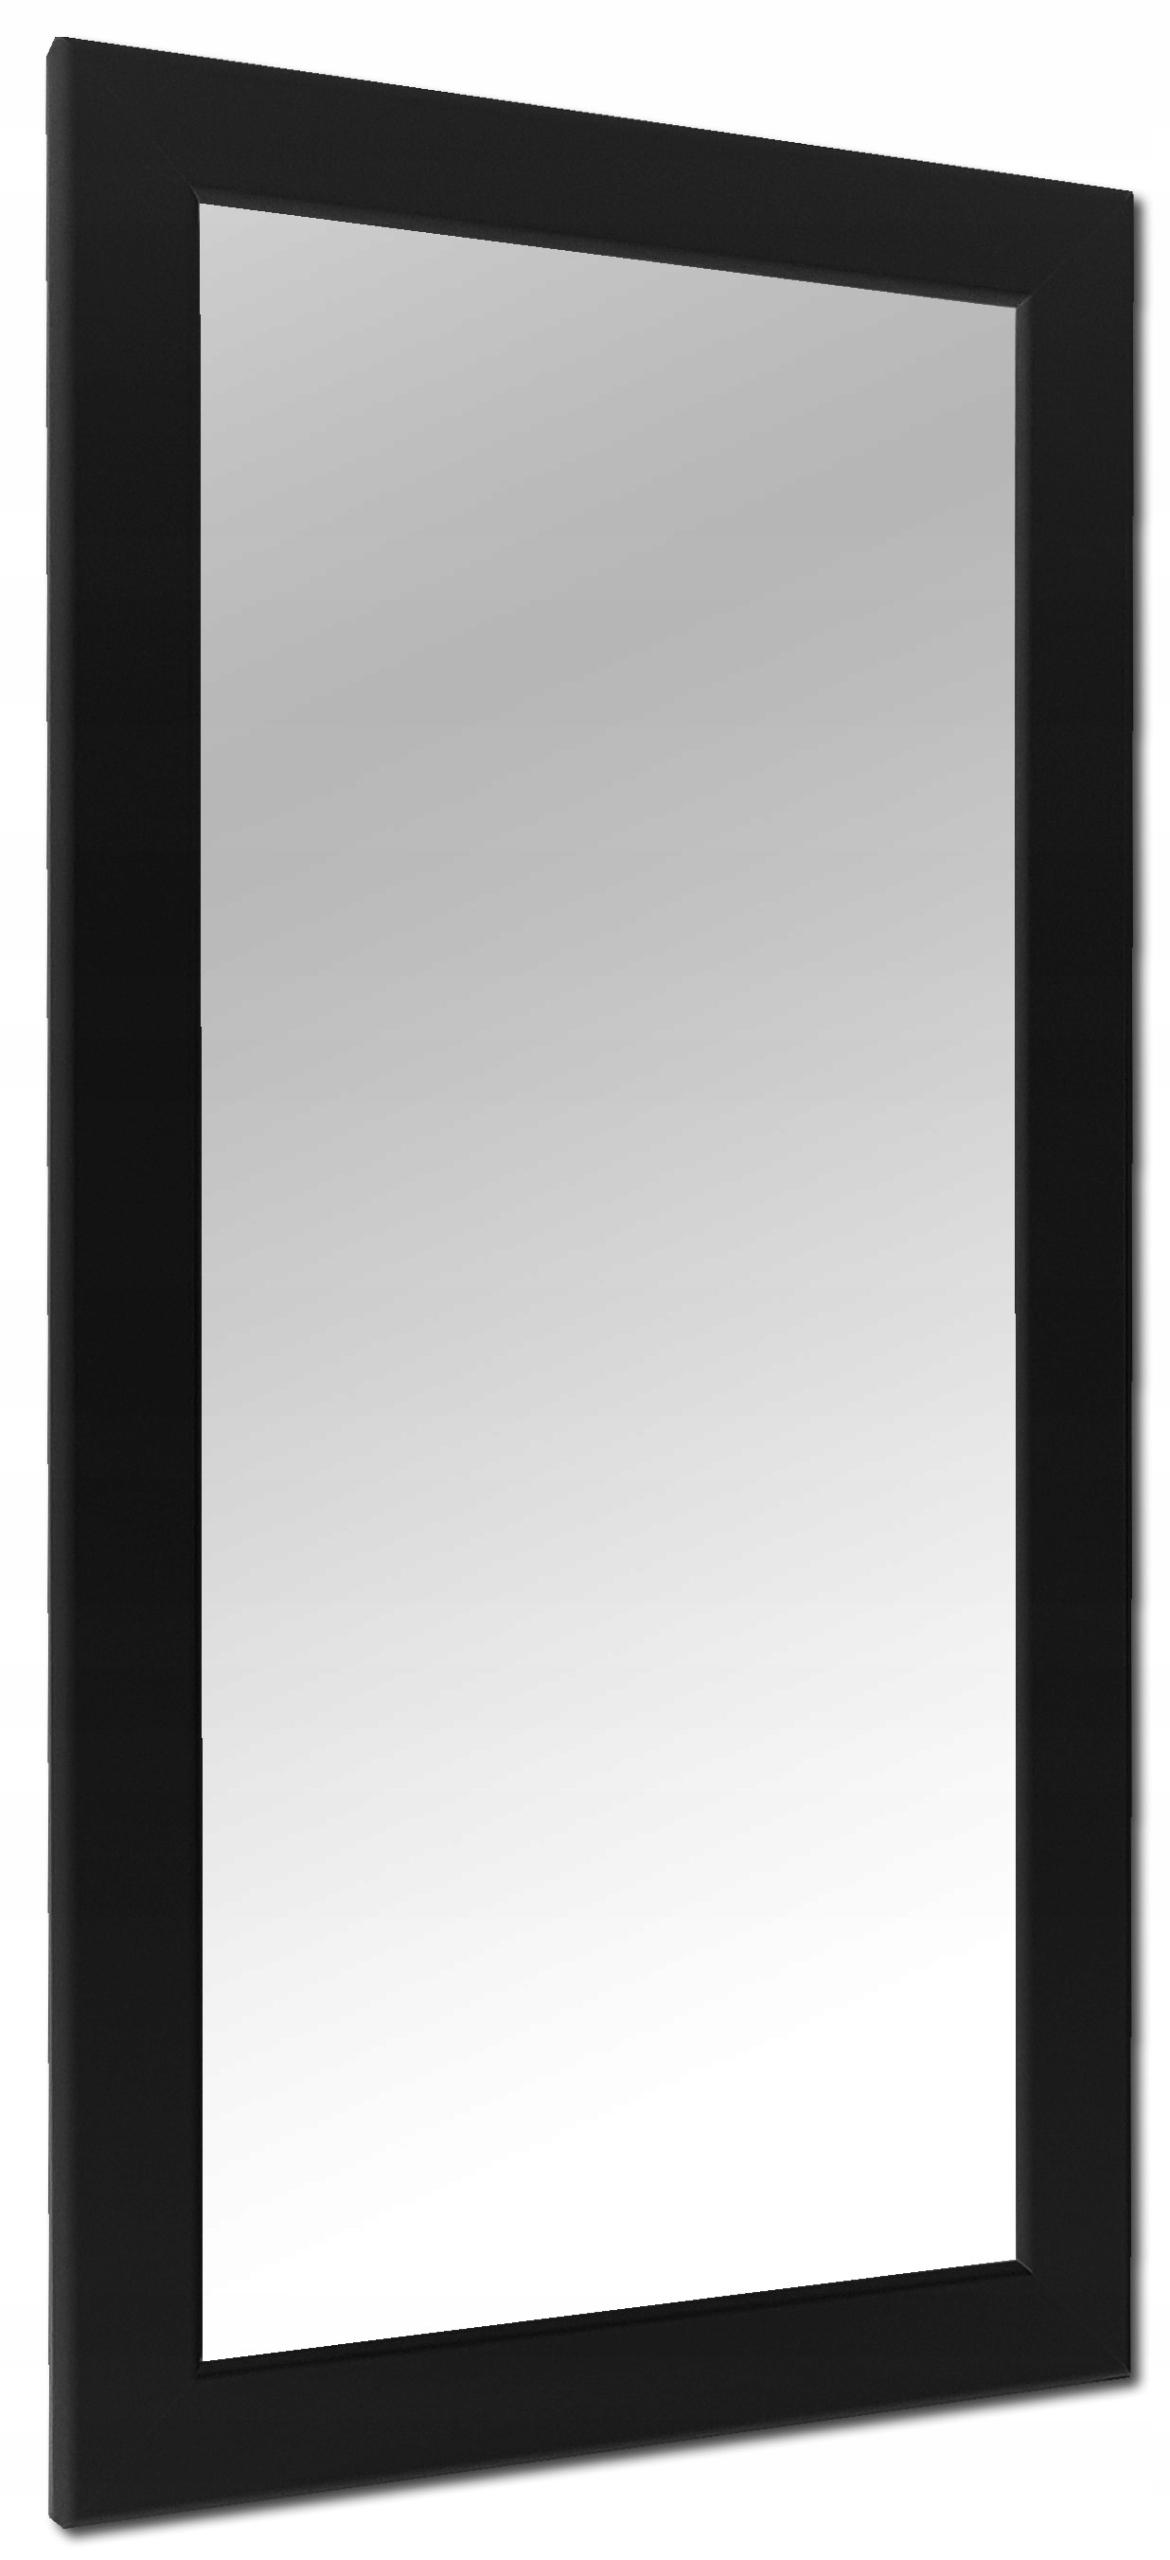 Зеркало в раме 170х70 белый венге черный 9 цветов